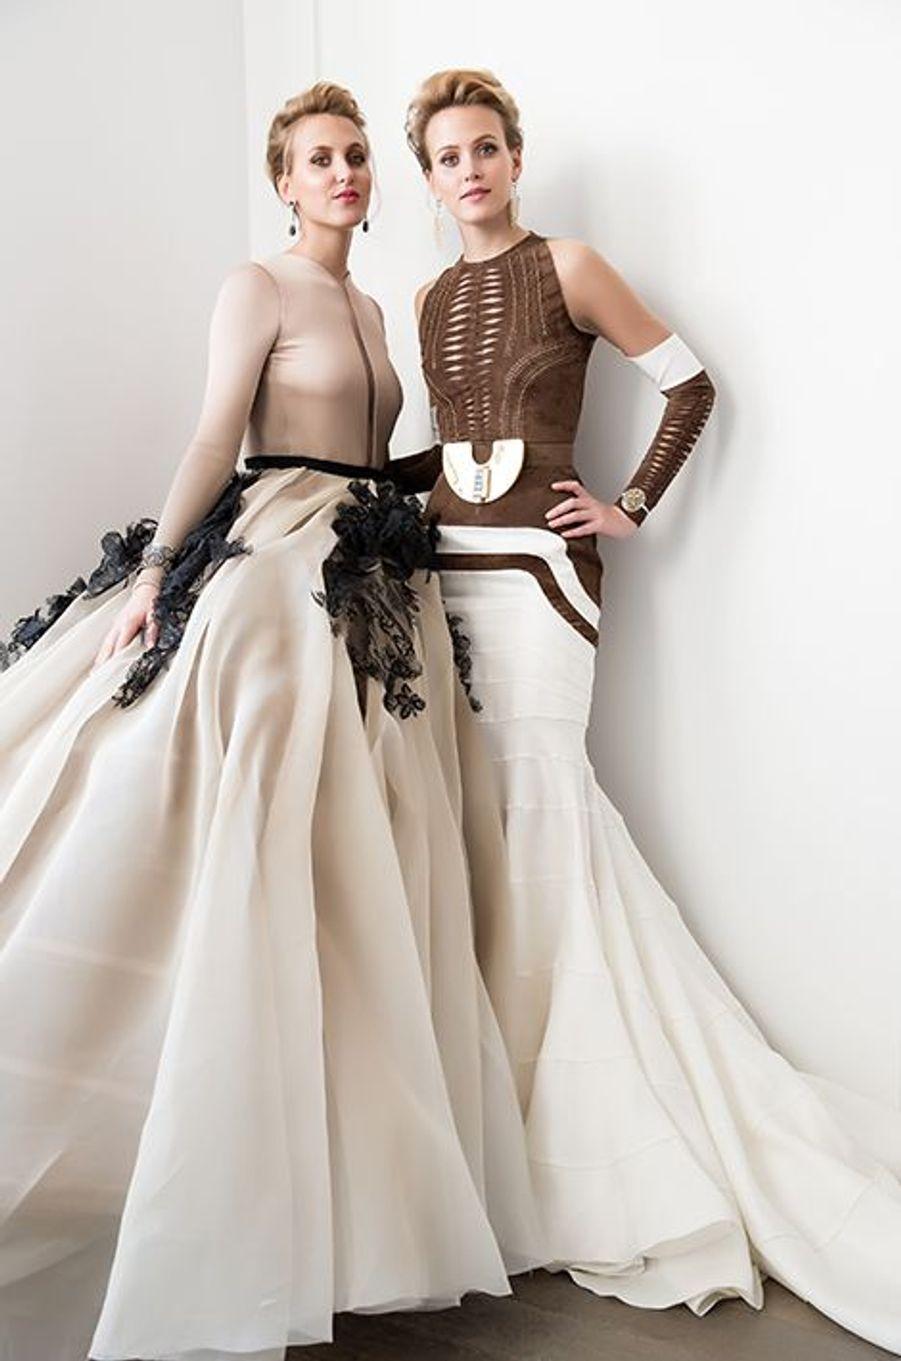 Victoria et Sarah von Faber-Castell (Allemagne) en robe Stéphane Rolland Haute-Couture, bijoux Payal New York